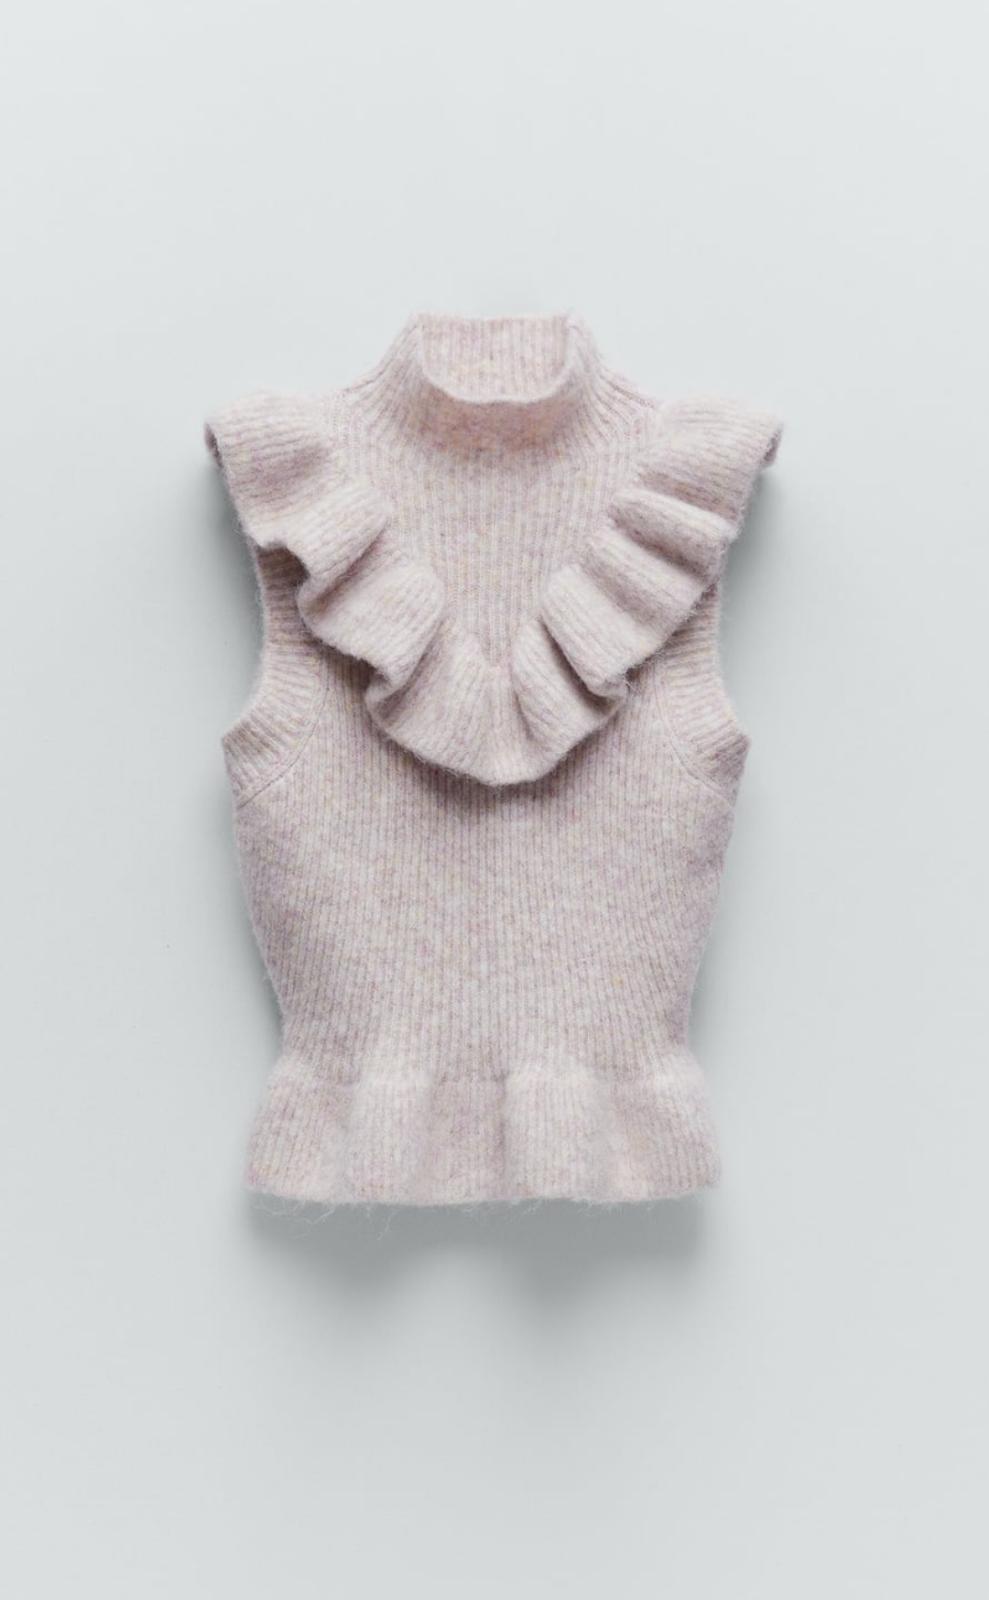 Chaleco de punto con volantes confeccionado con tejido en mezcla de lana en color piedra, de Zara (25'99€)